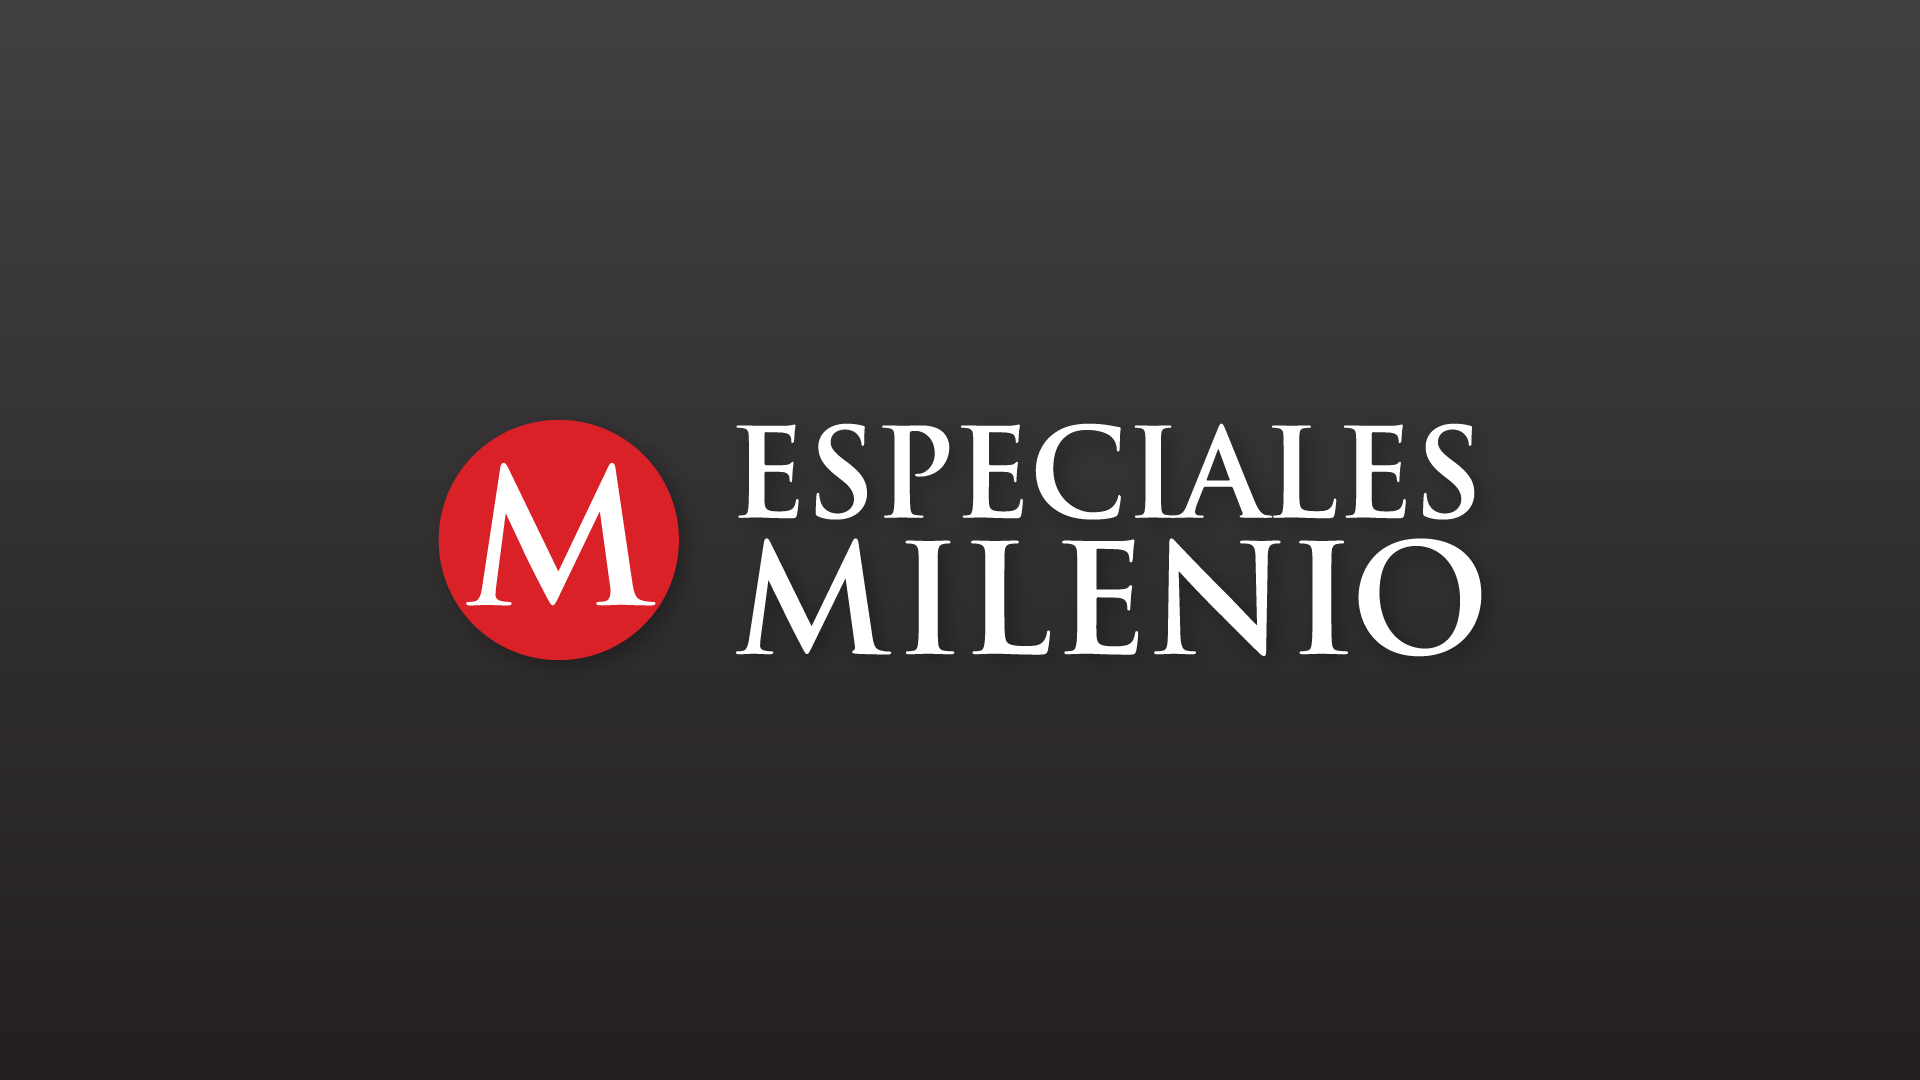 Especiales Milenio